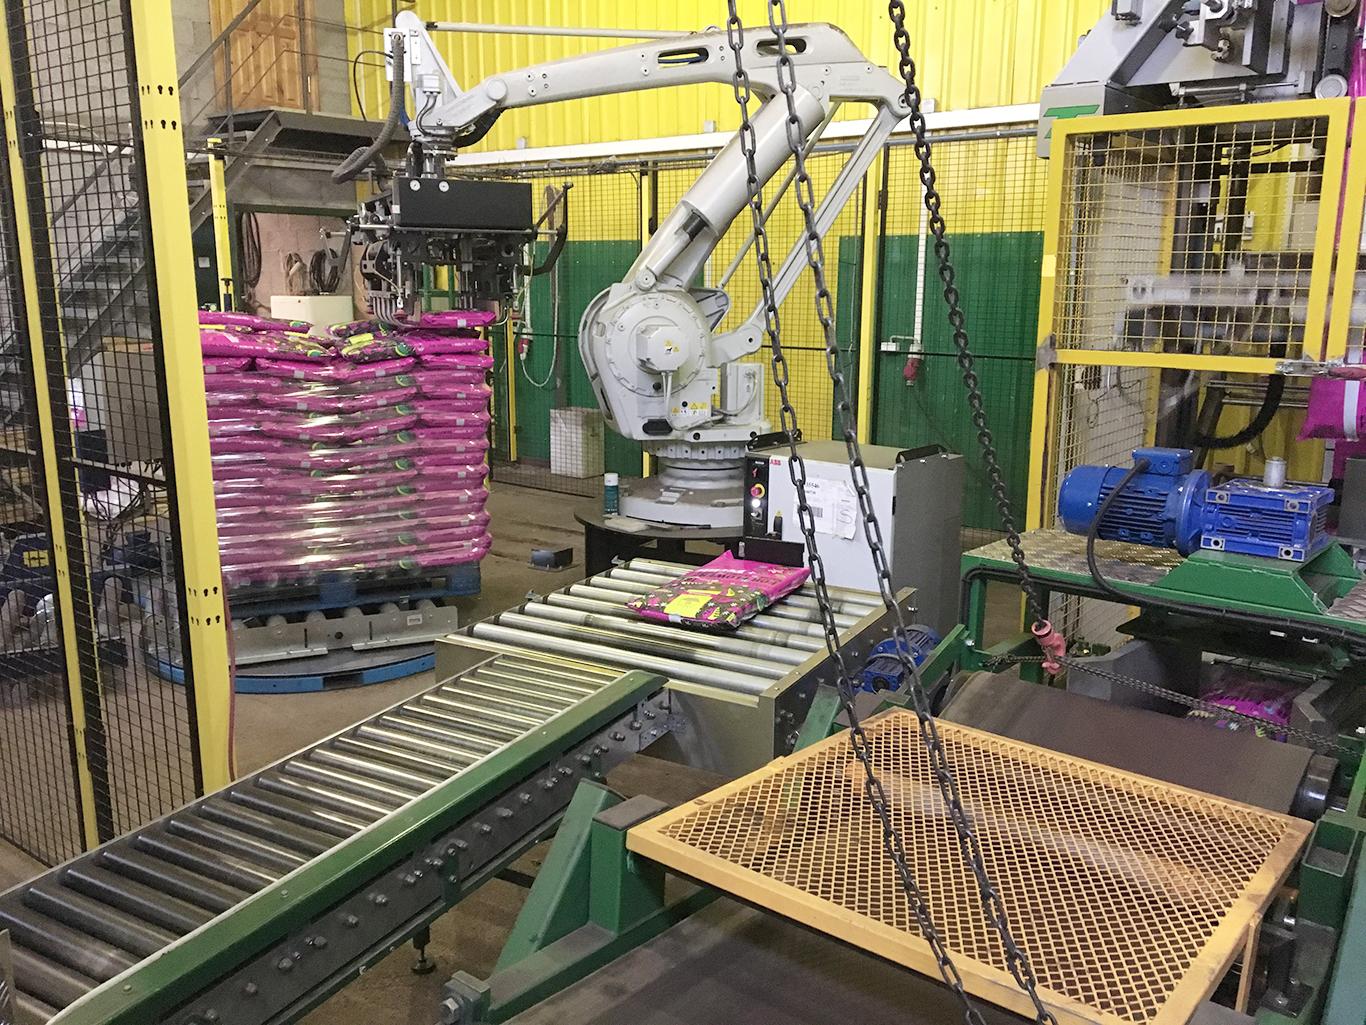 fabrikas%2007.jpg